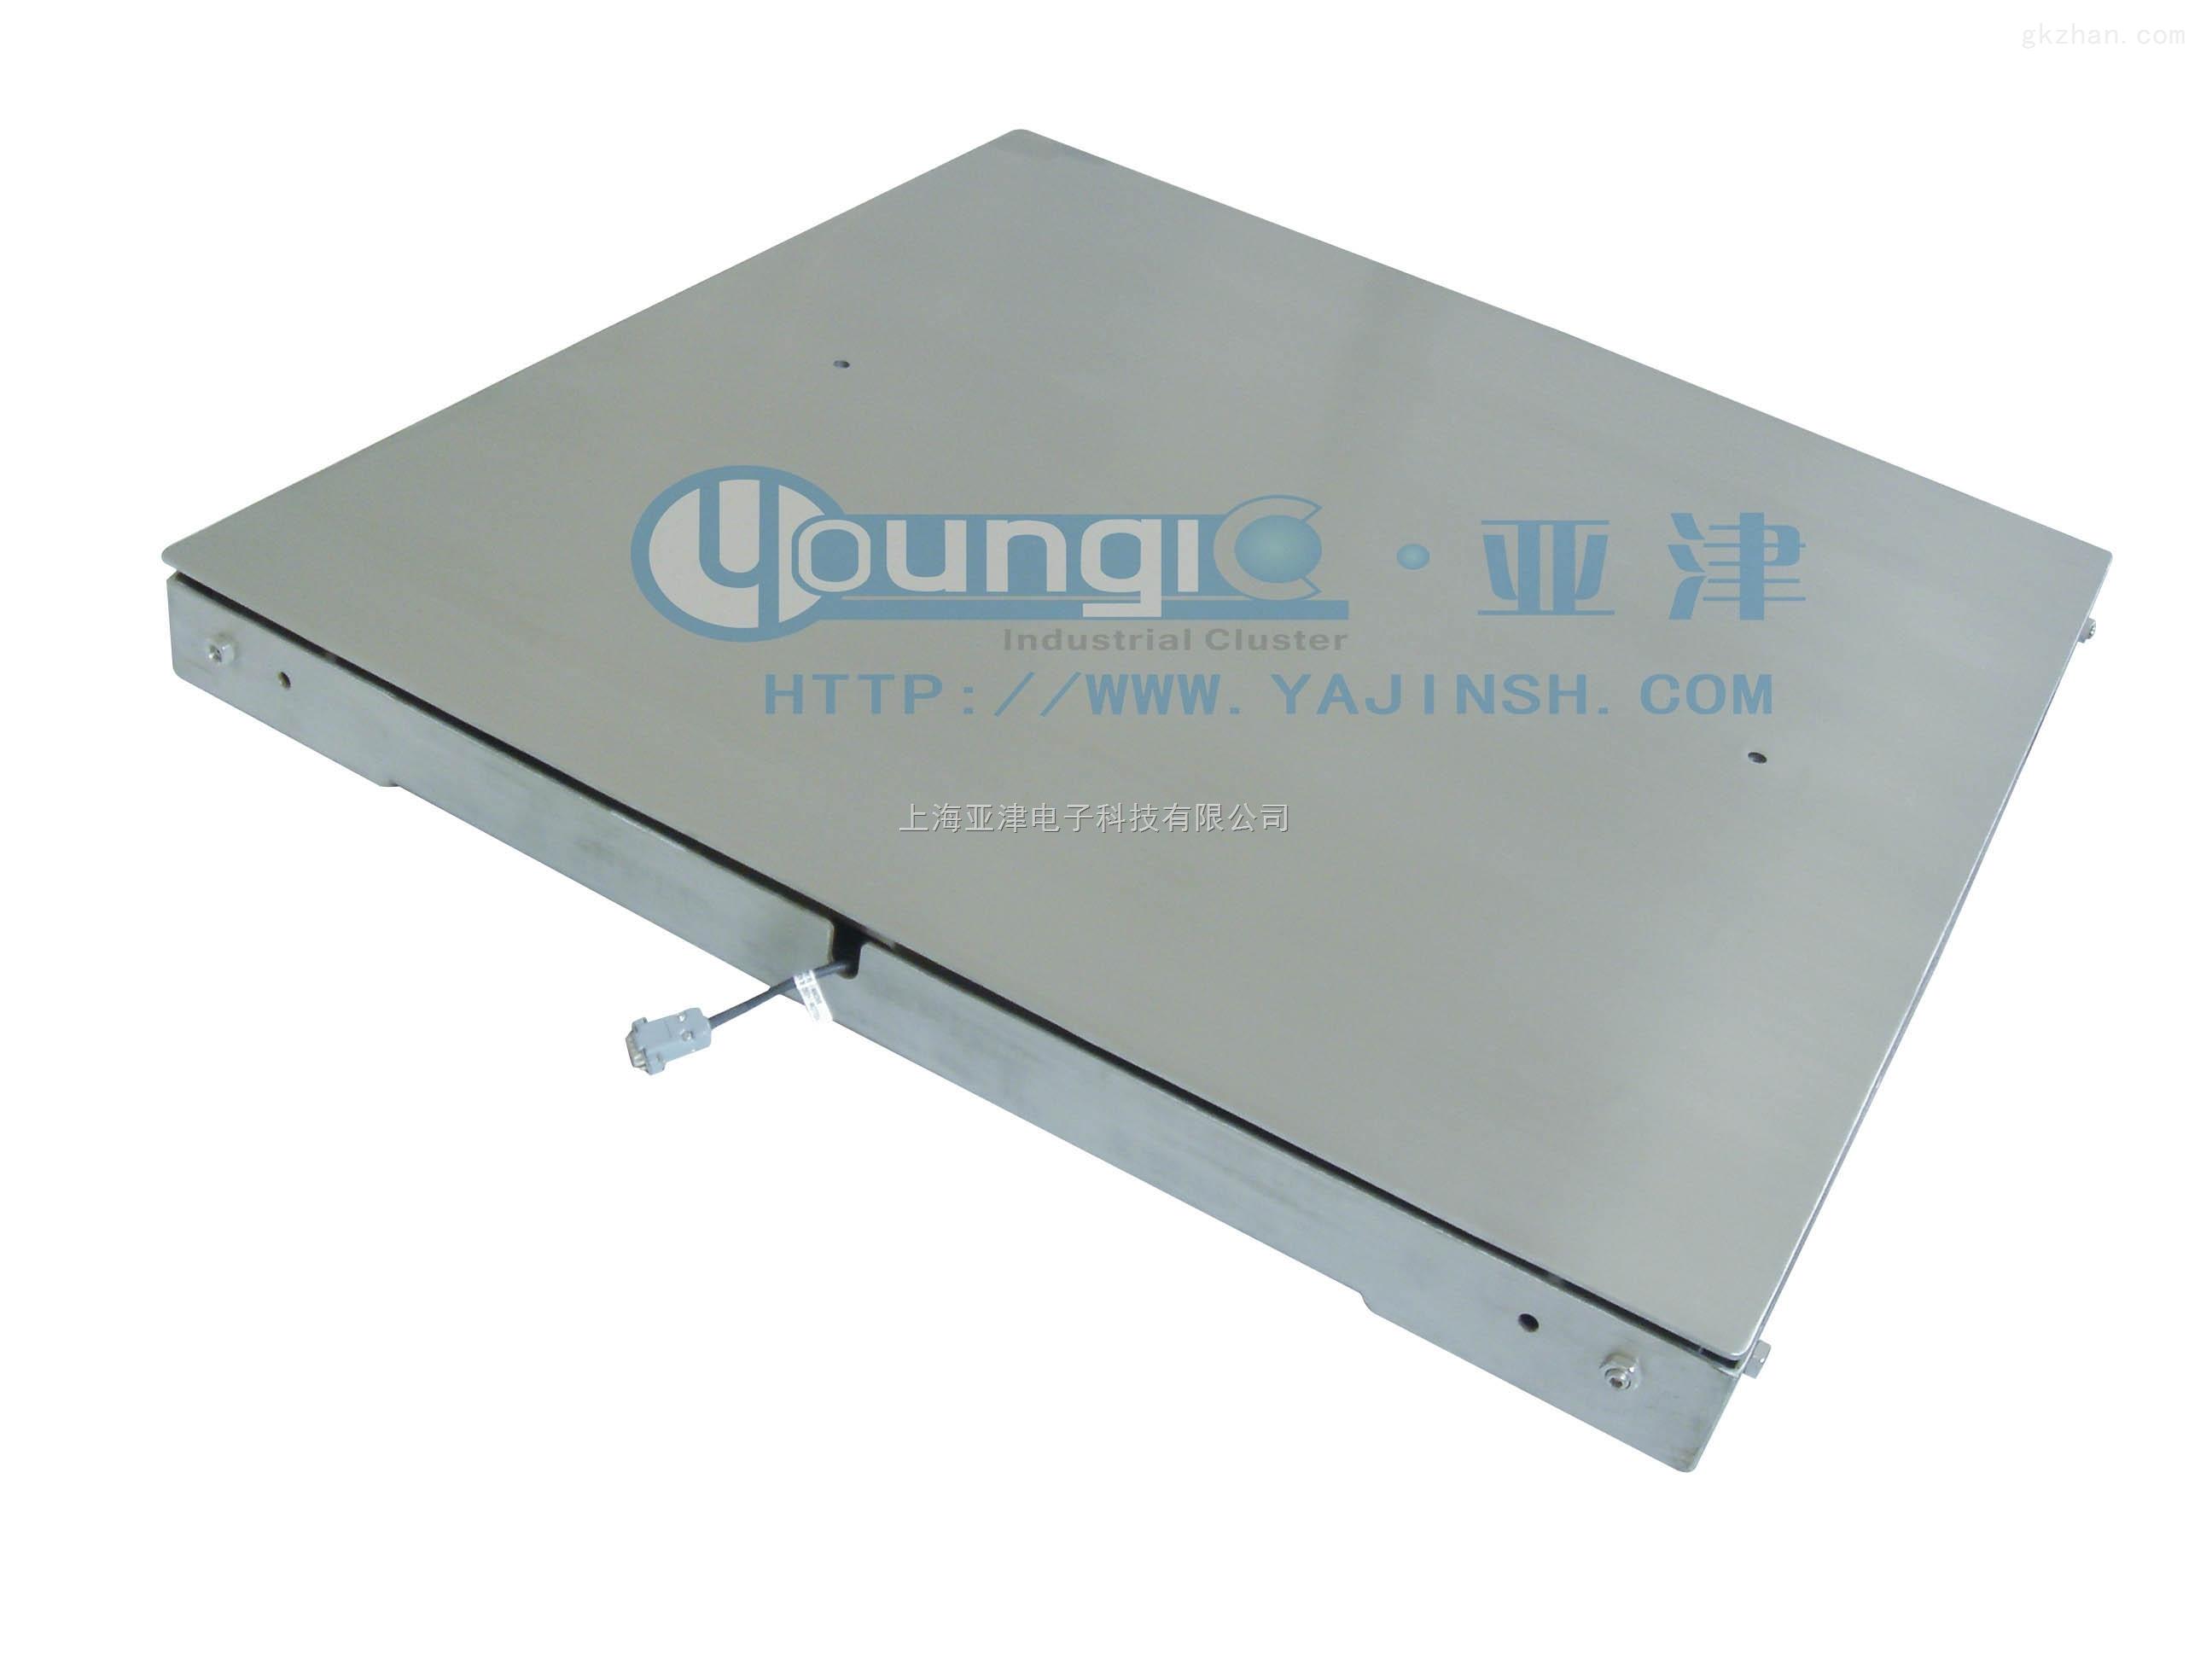 全不锈钢电子地磅仓库吊装货物1T30吨地磅价格